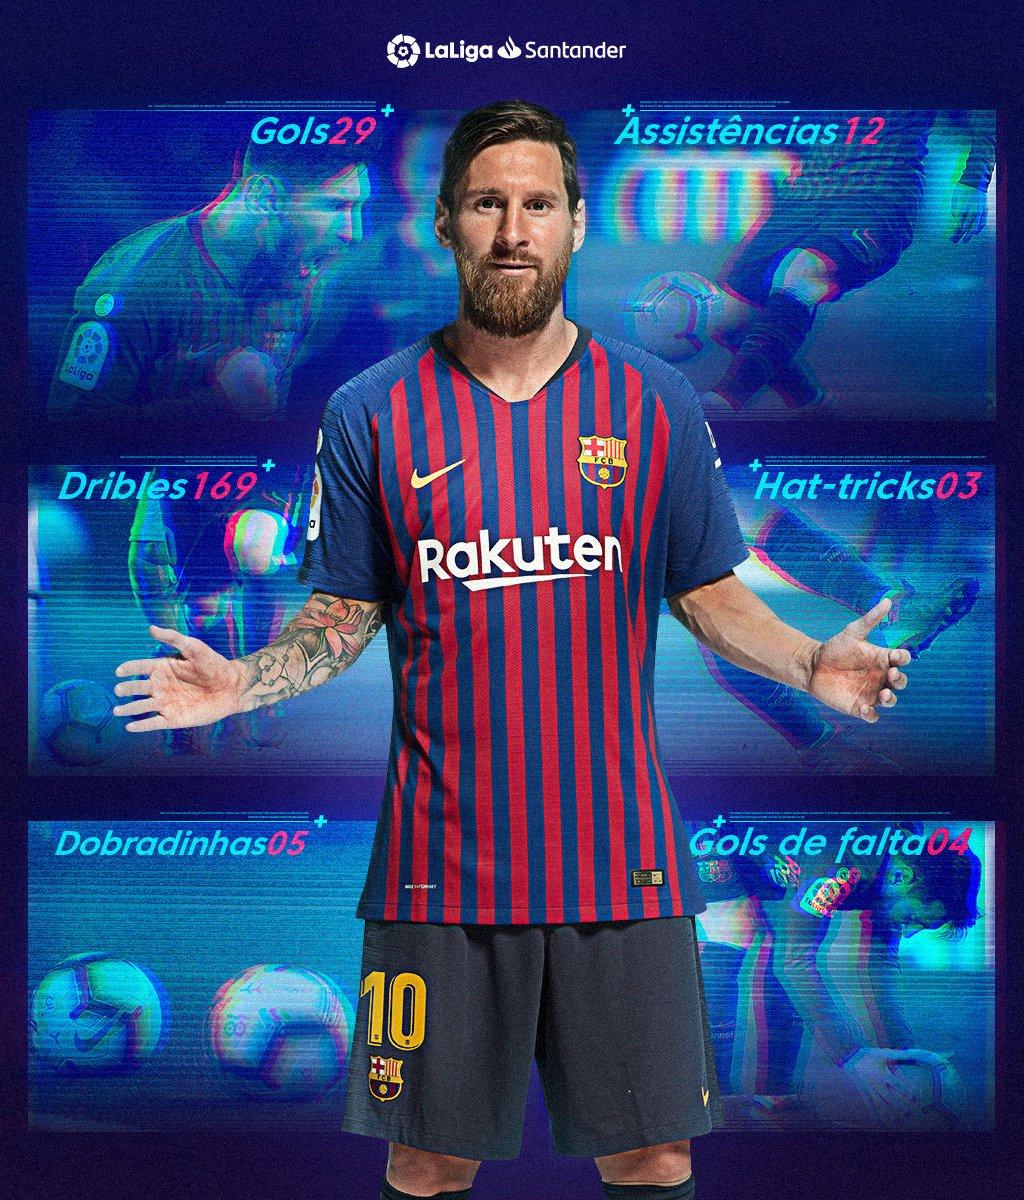 Os números de Messi na temporada até aqui! 🛸  🔵 @fcbarcelona_br 🔴  #LaLigaSantander